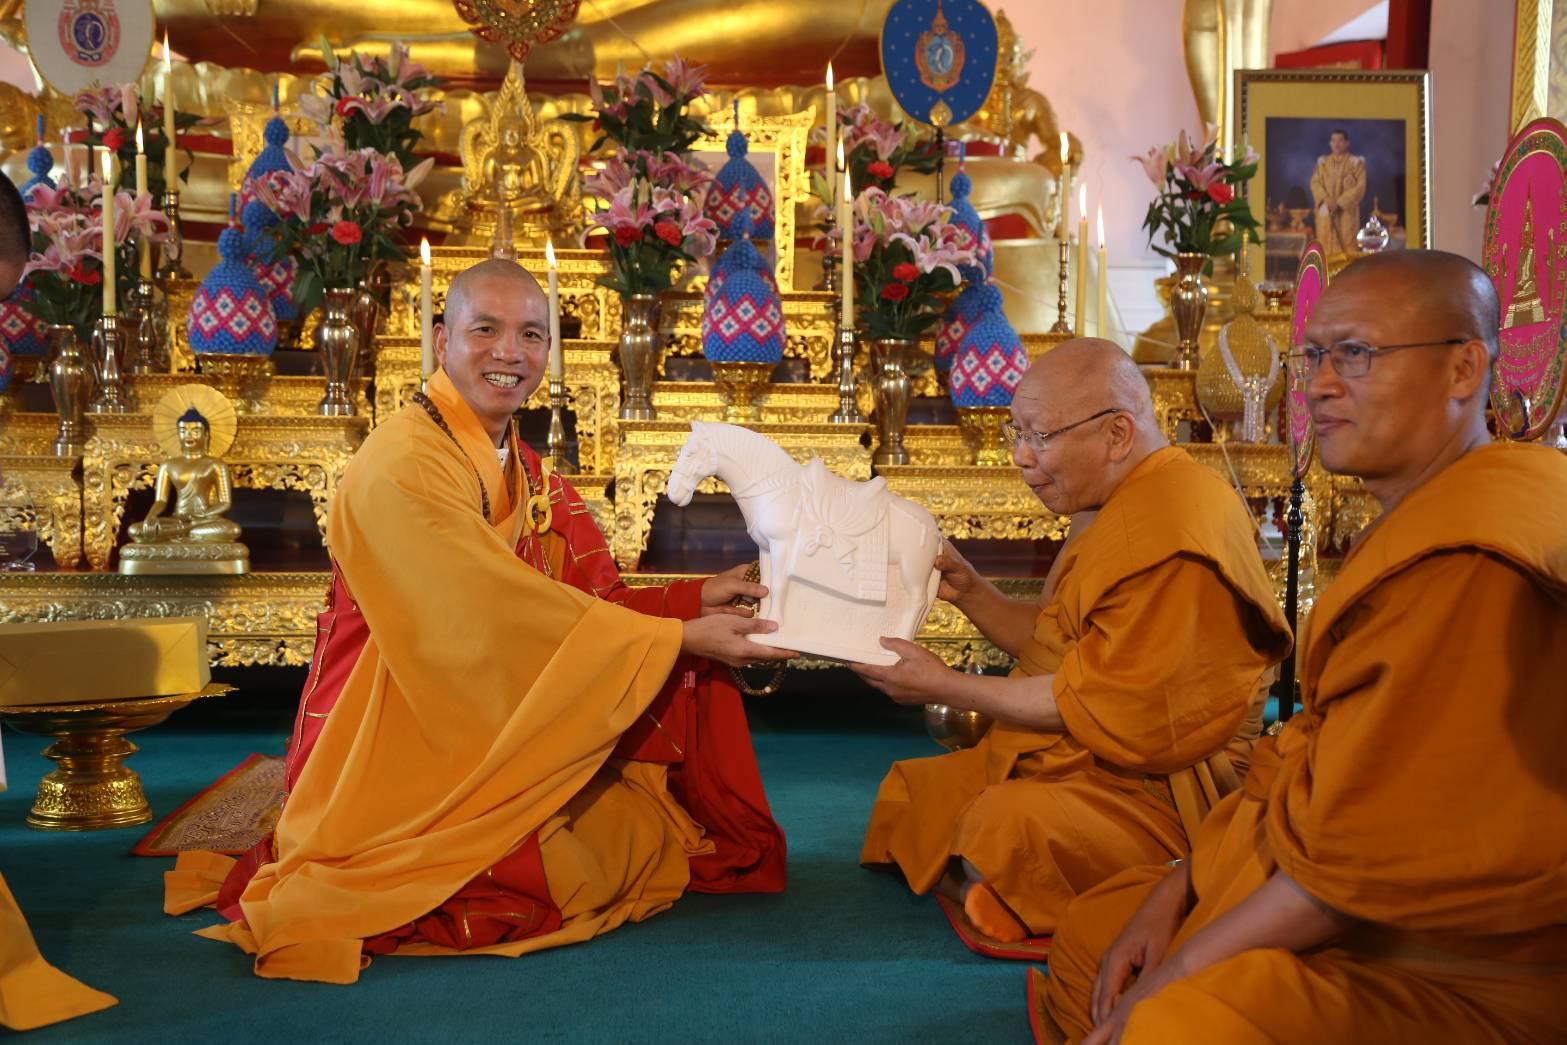 610924-27 พระพรหมวชิรญาณประธานพิธีสมโภชวัดเหมอัศวาราม จีน 4